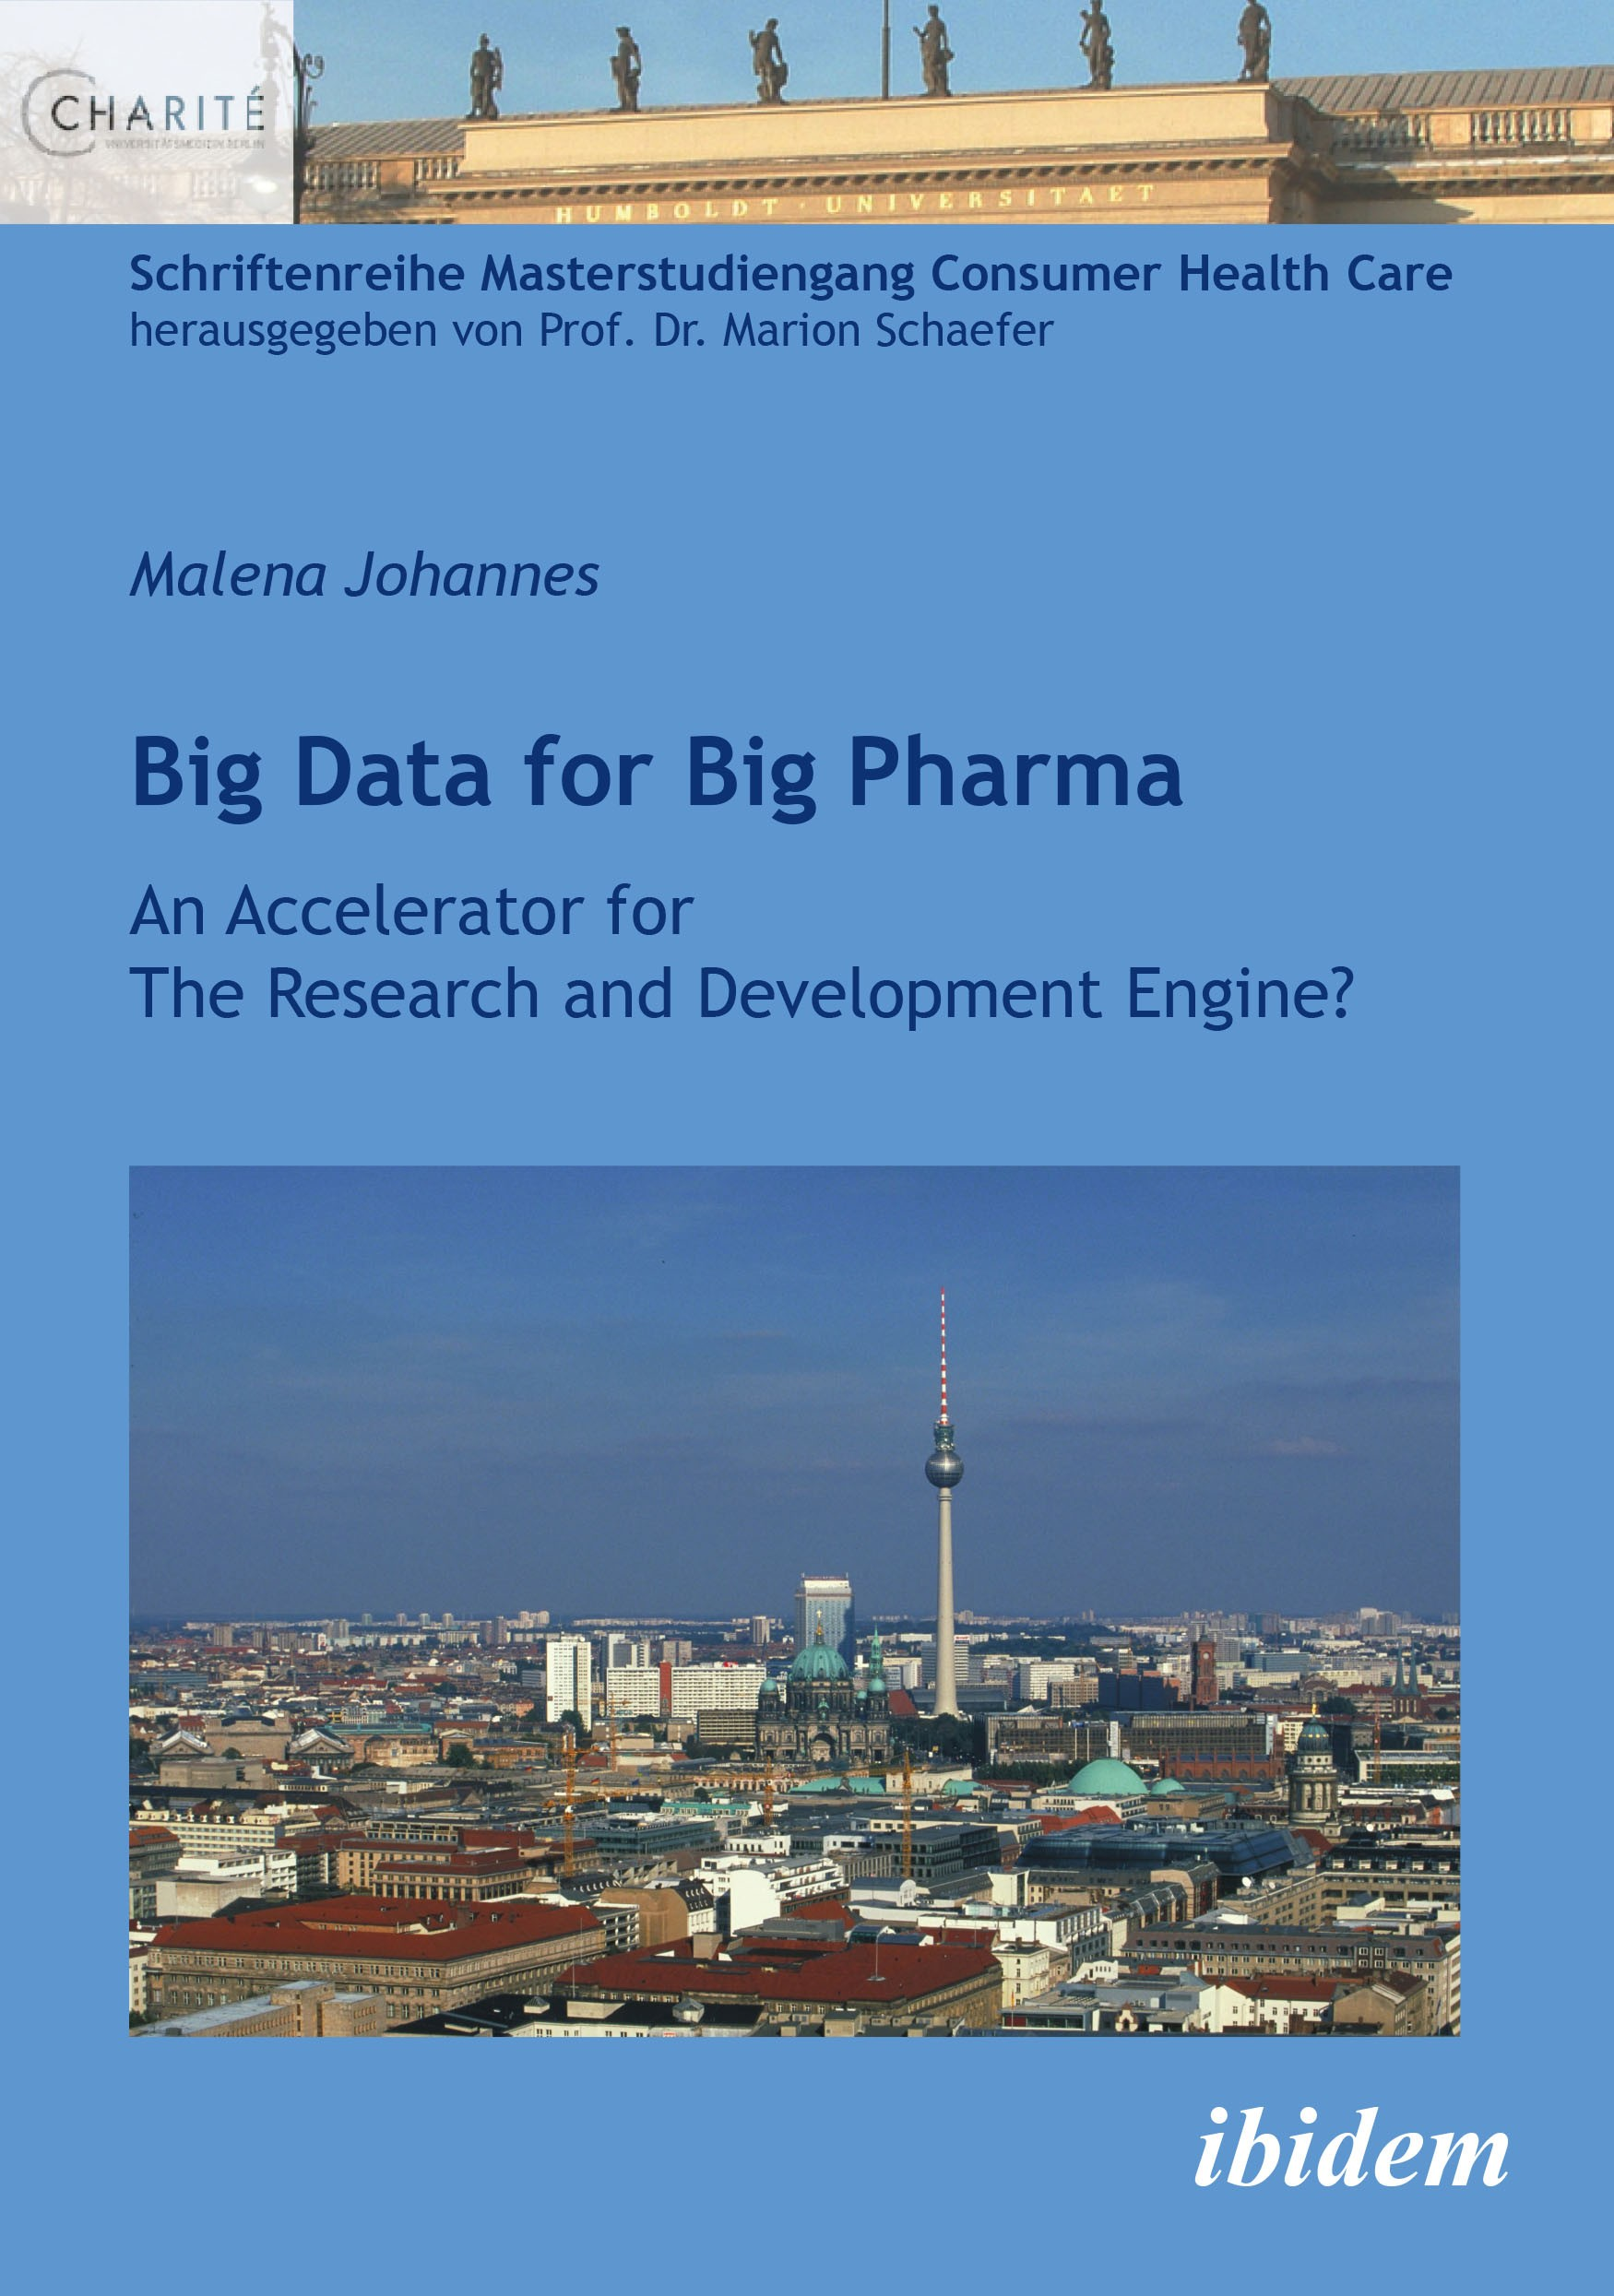 Big Data for Big Pharma